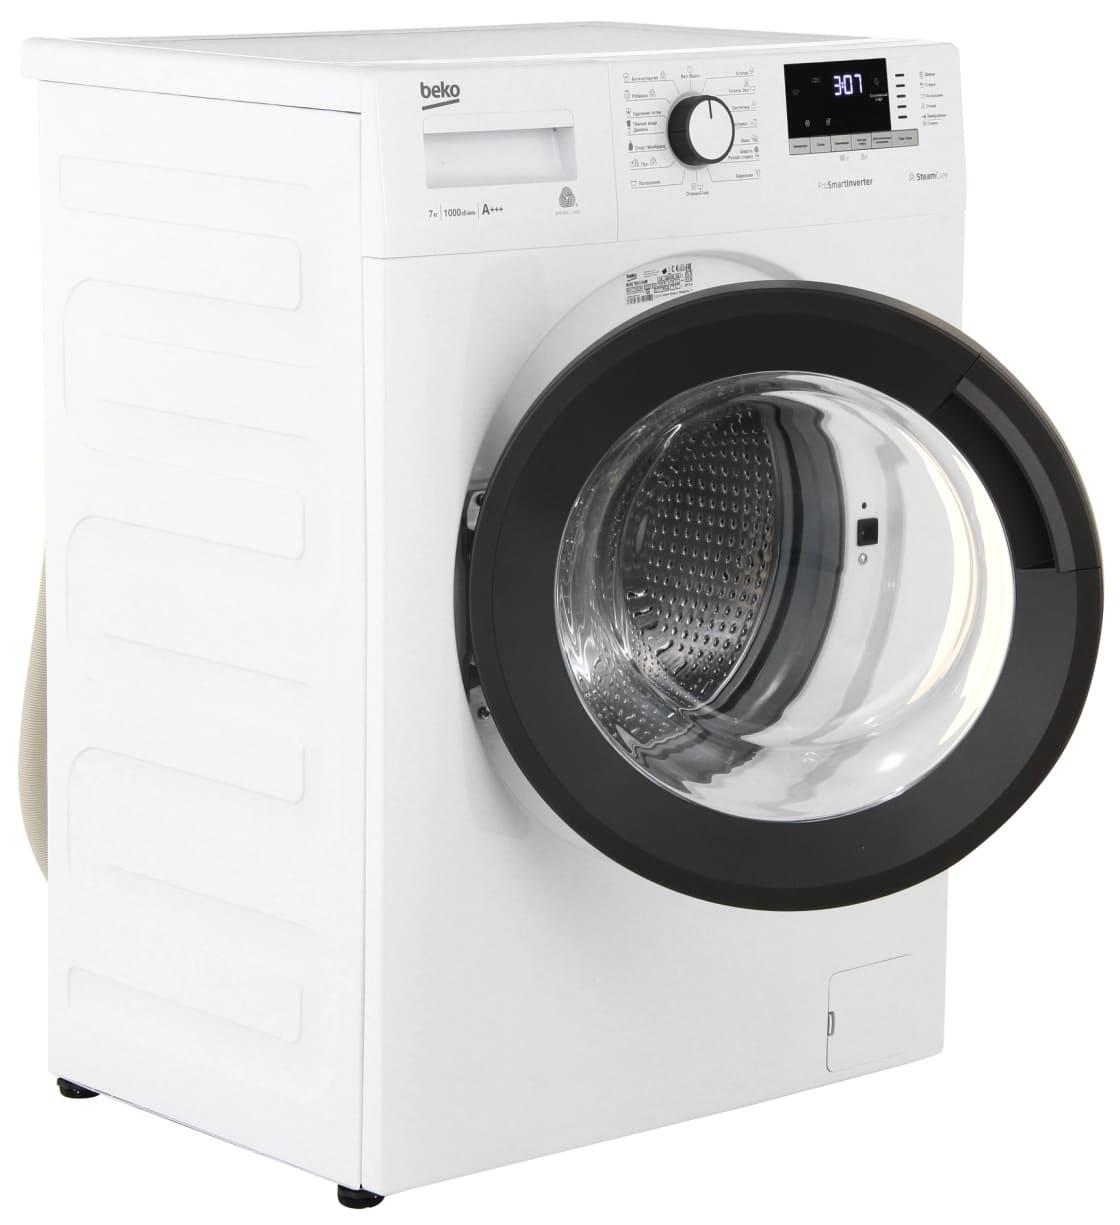 Стиральная машина beko — отзывы покупателей